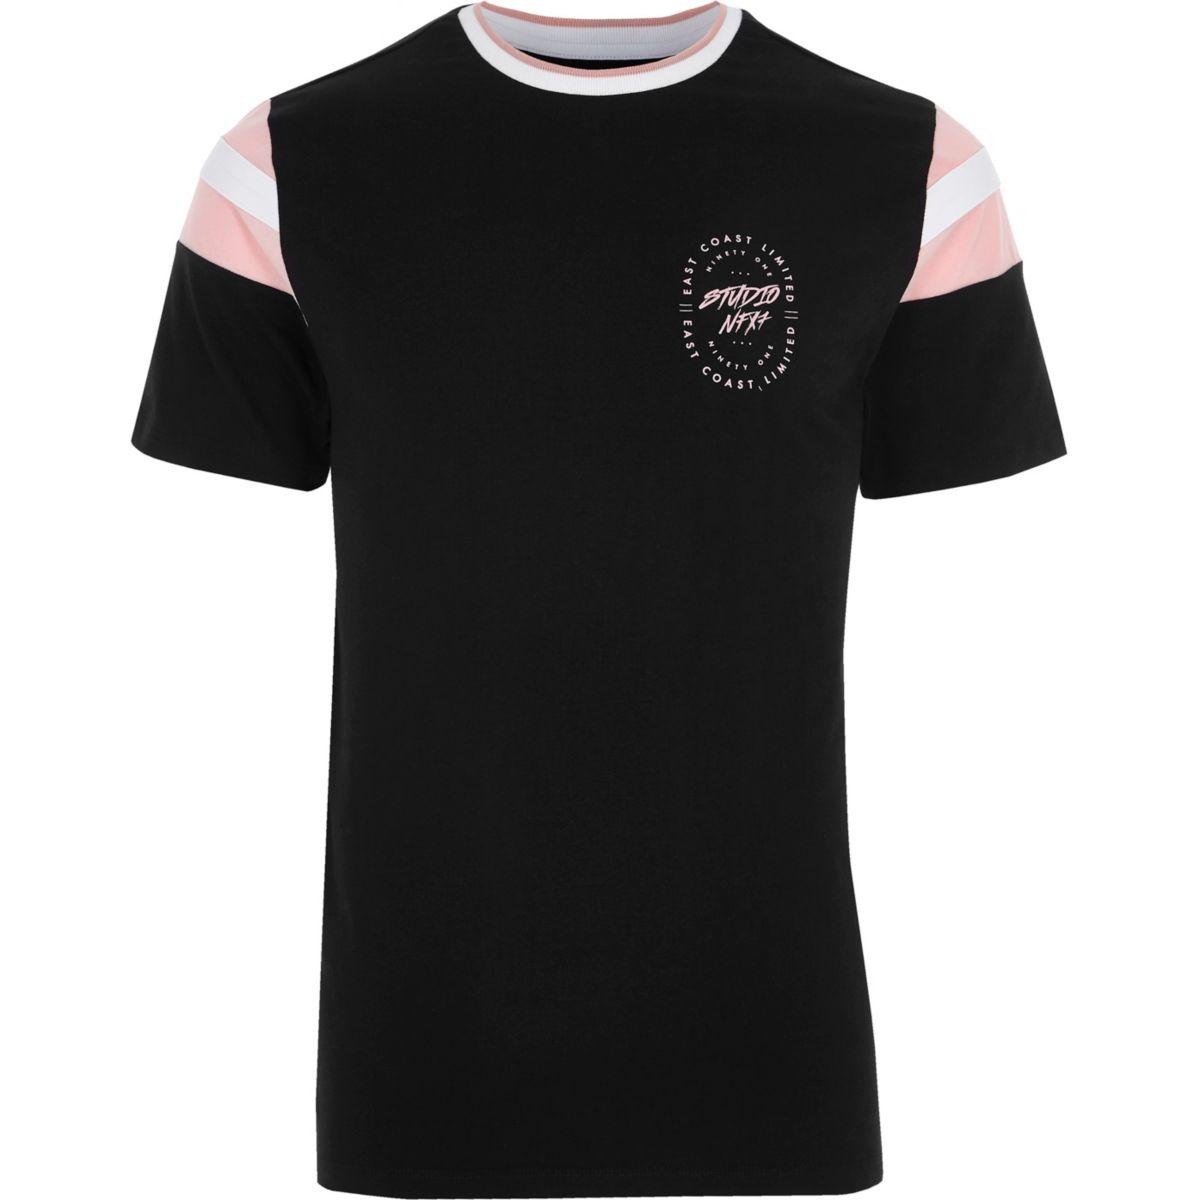 T-shirt noir imprimé «Studio» sur la poitrine à liseré